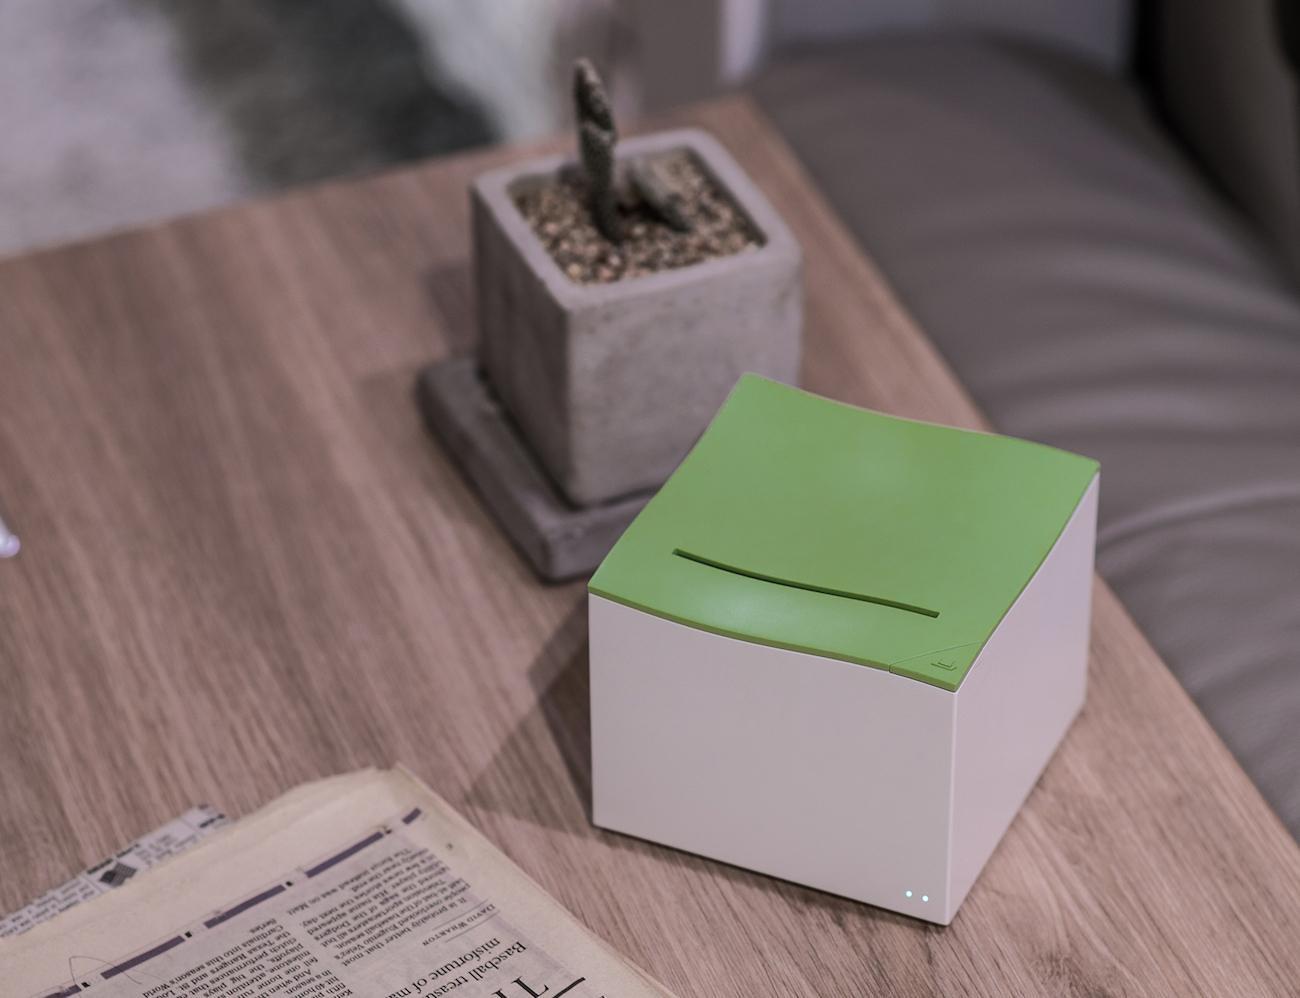 nemonic Smart Printer